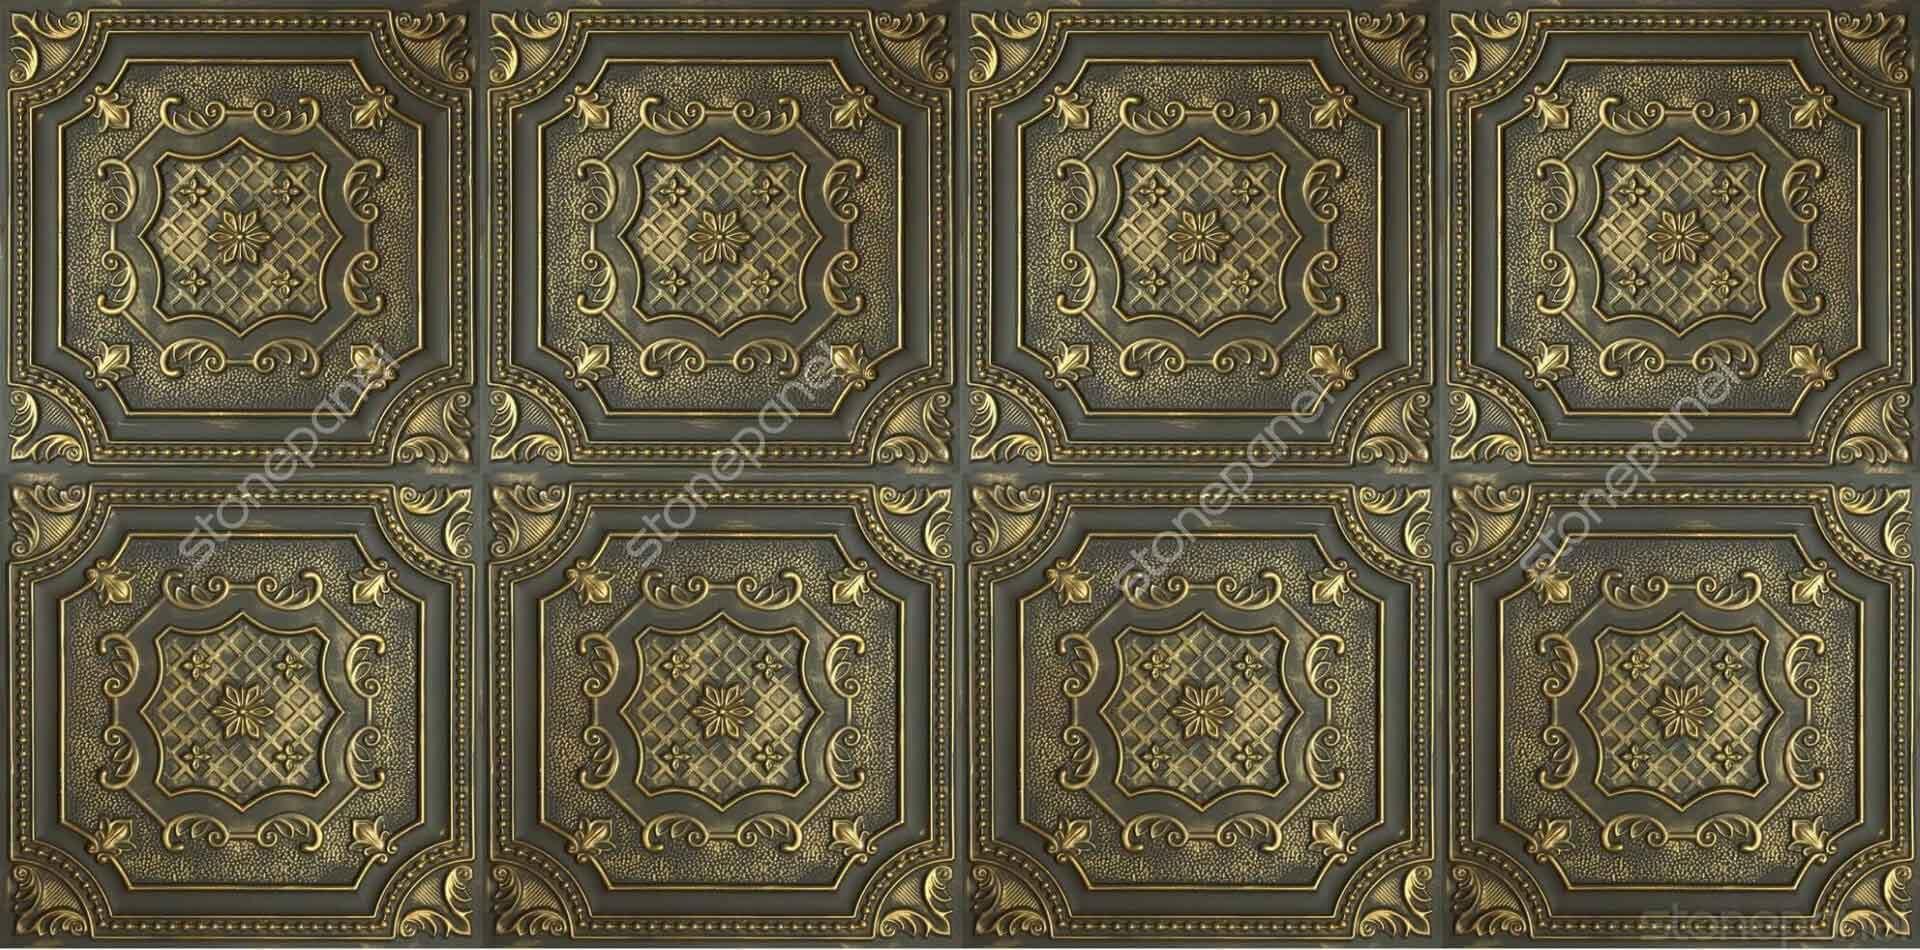 Alhambra / ARGENT DORADO - SP/5002